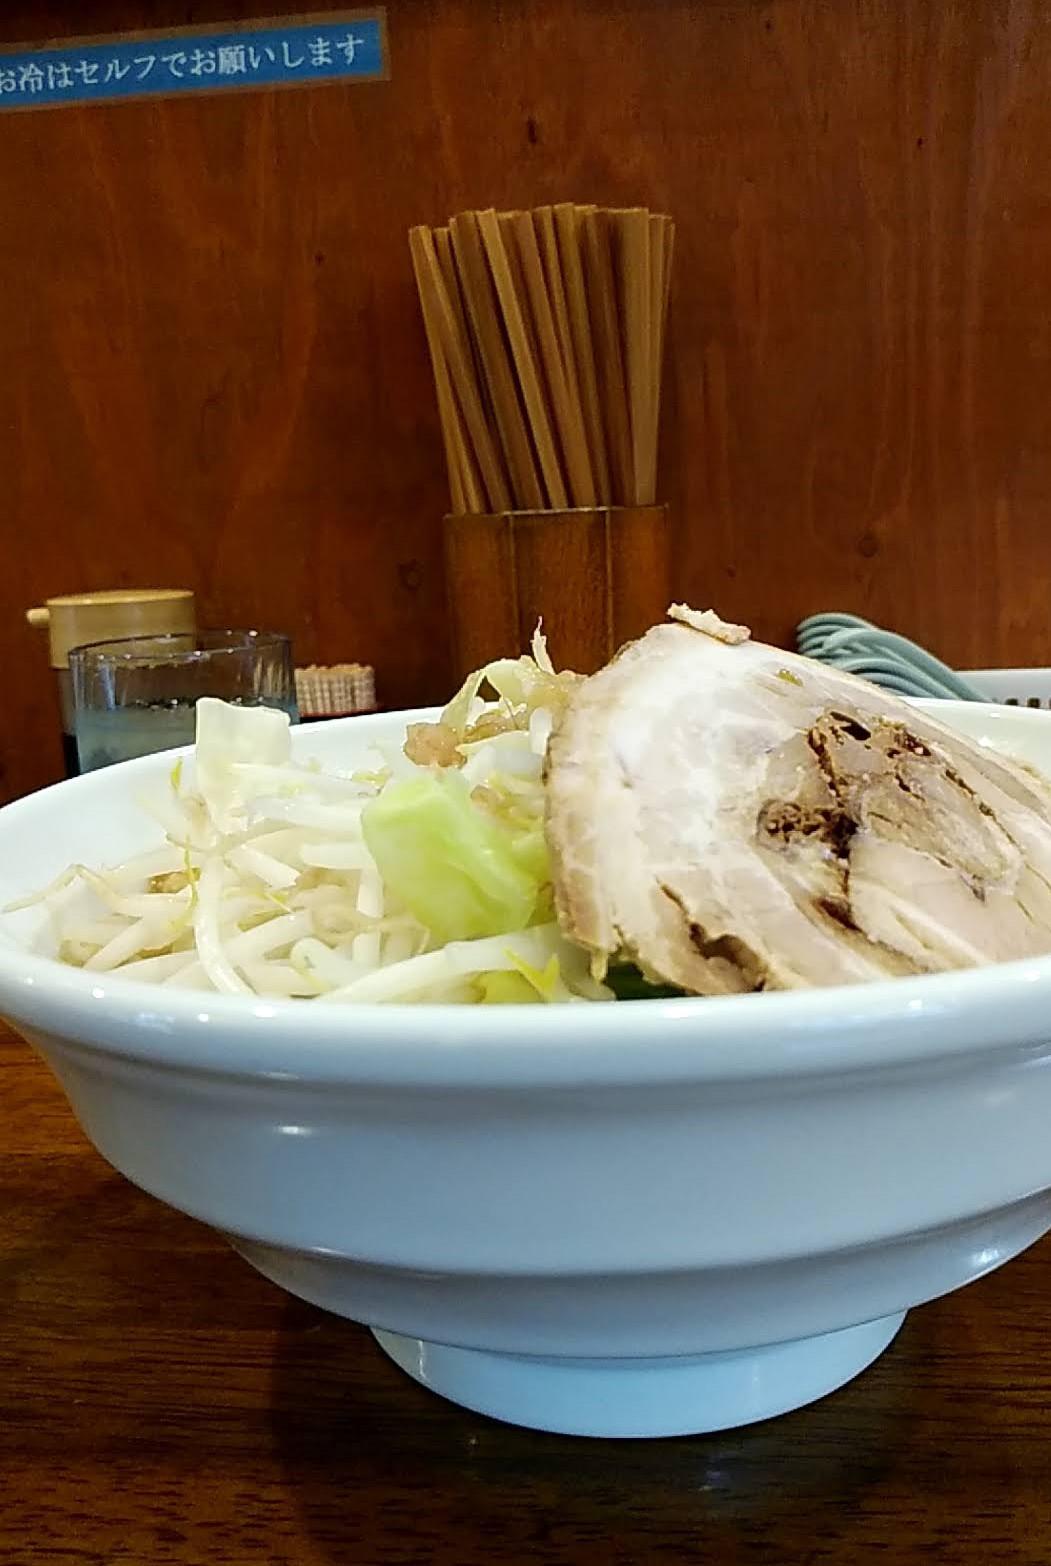 爆麺亭の爆麺